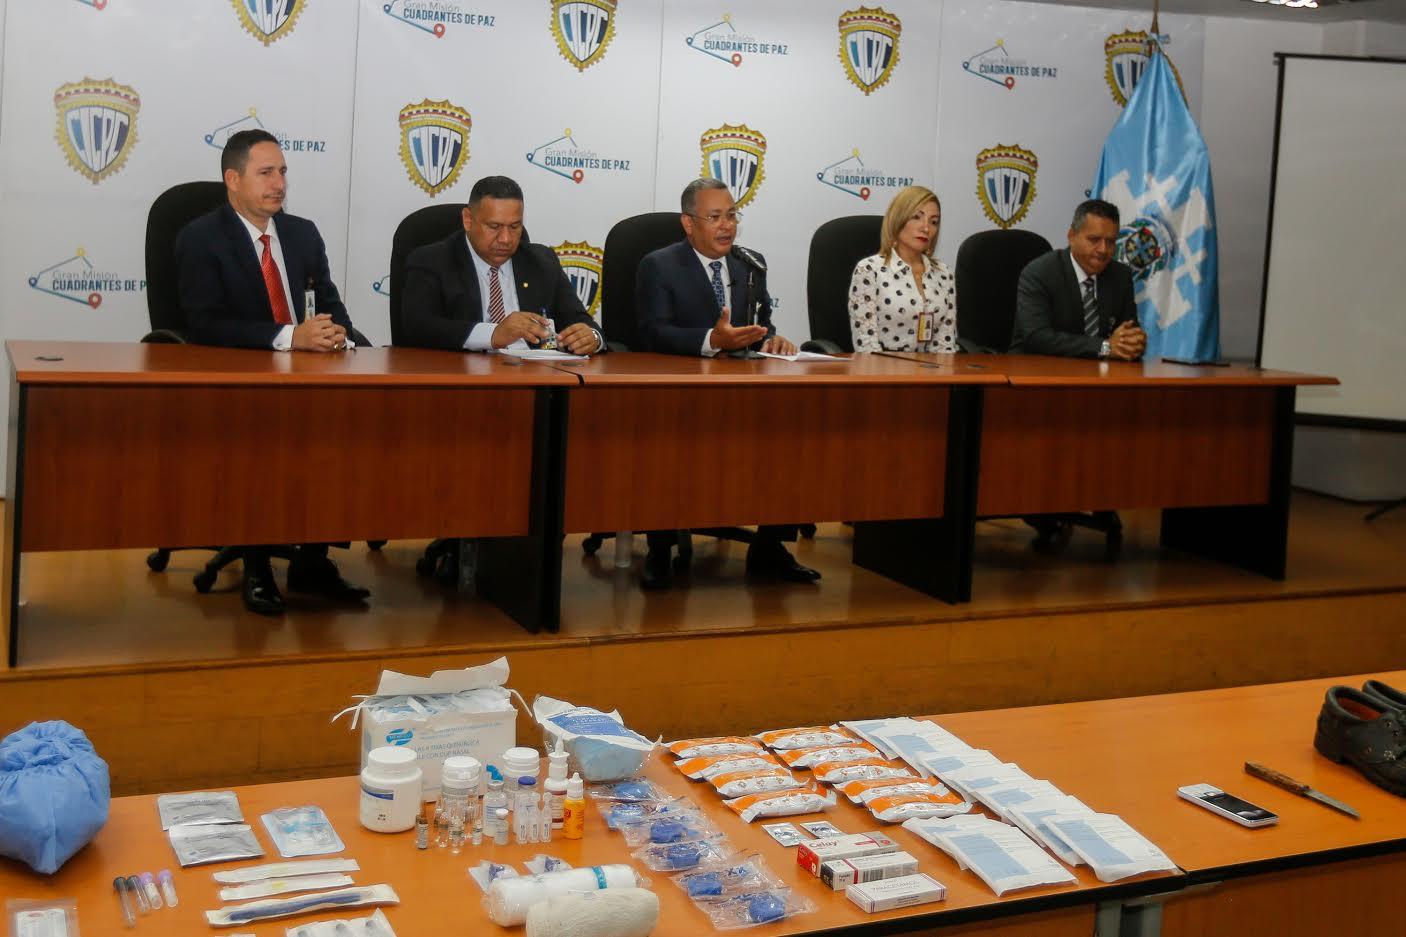 Incautados más de 100 insumos médicos hurtados del Hospital J.M. de Los Ríos